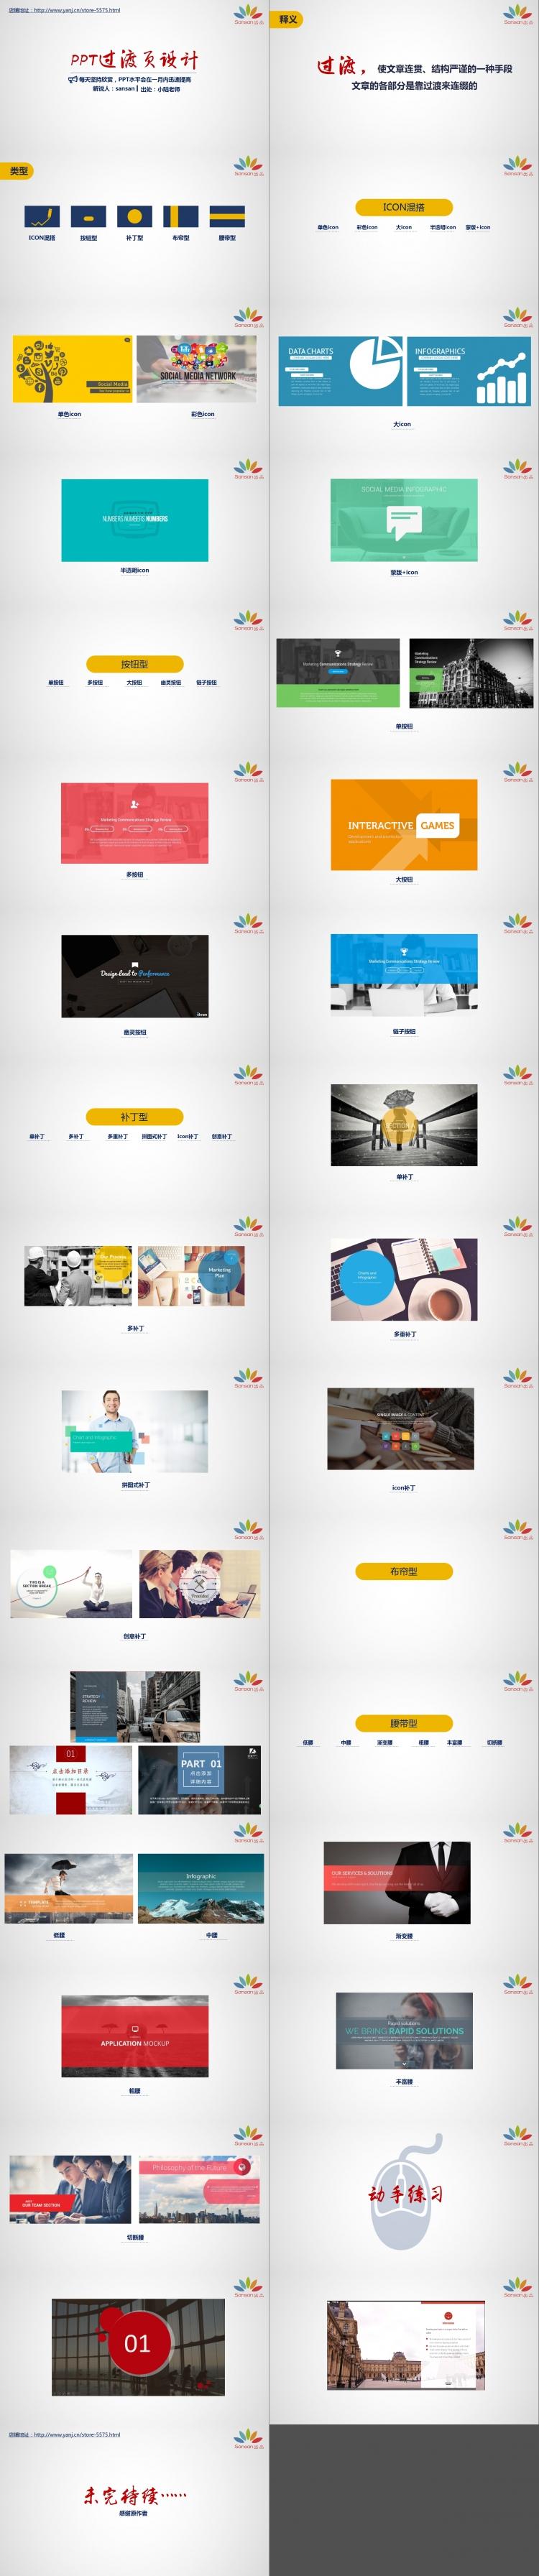 【ppt教程】-ppt過渡頁設計